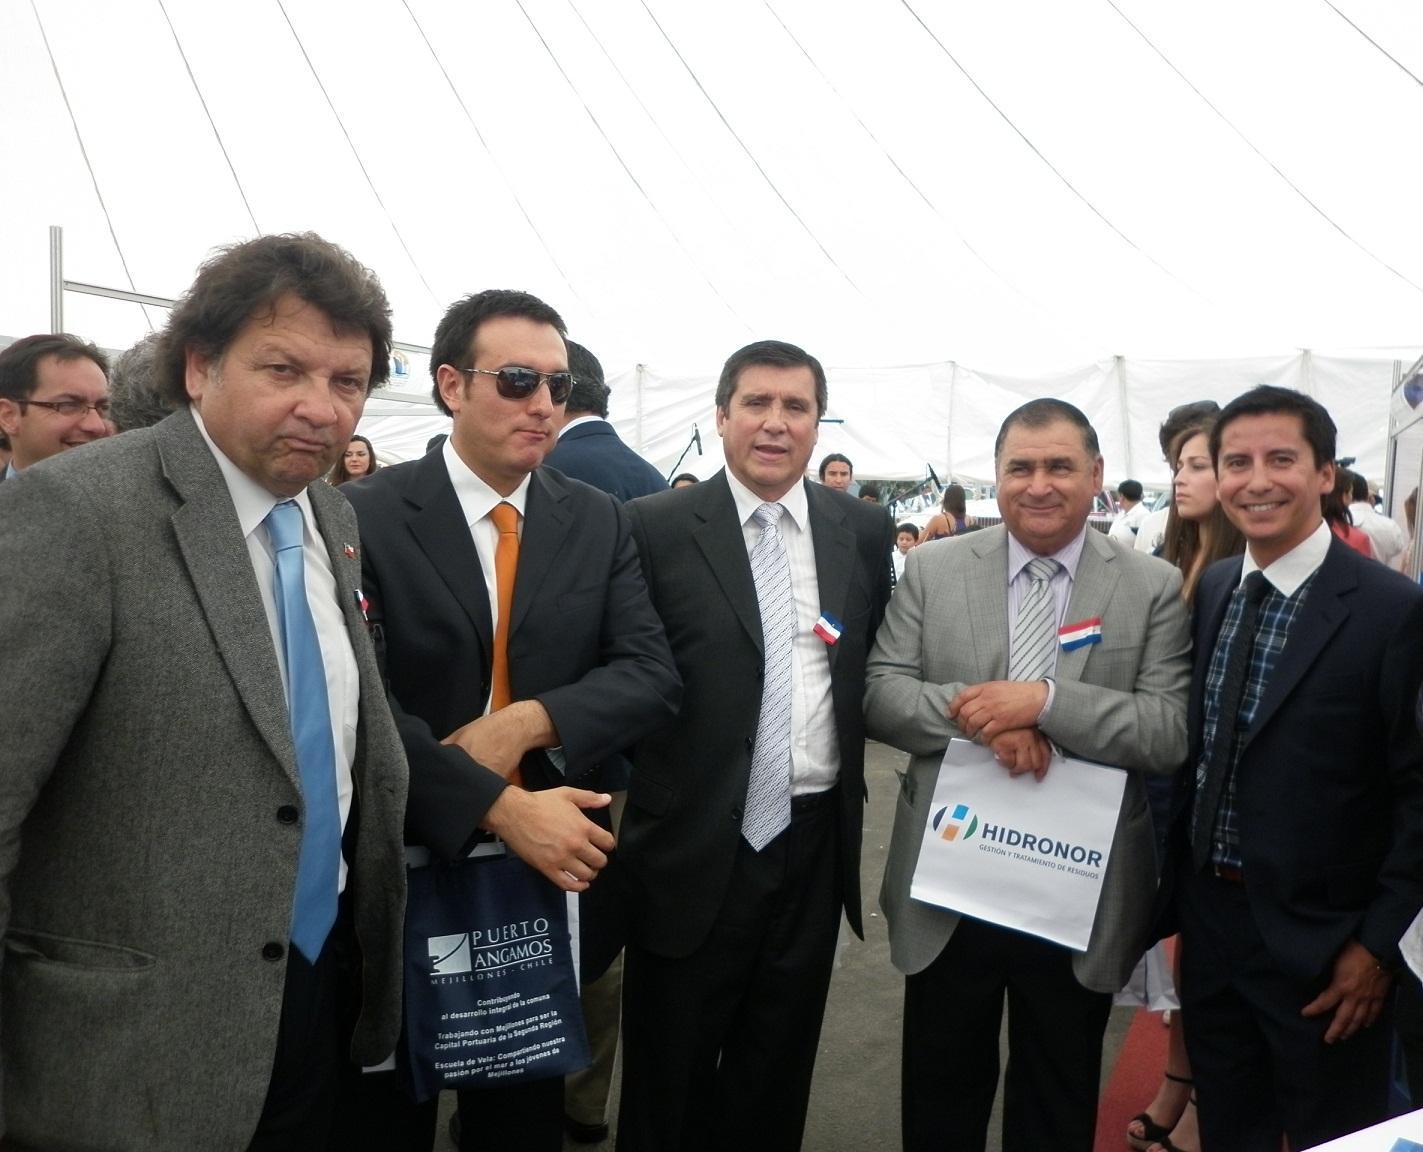 Hidronor participa en la III Feria Expo Mejillones 2012